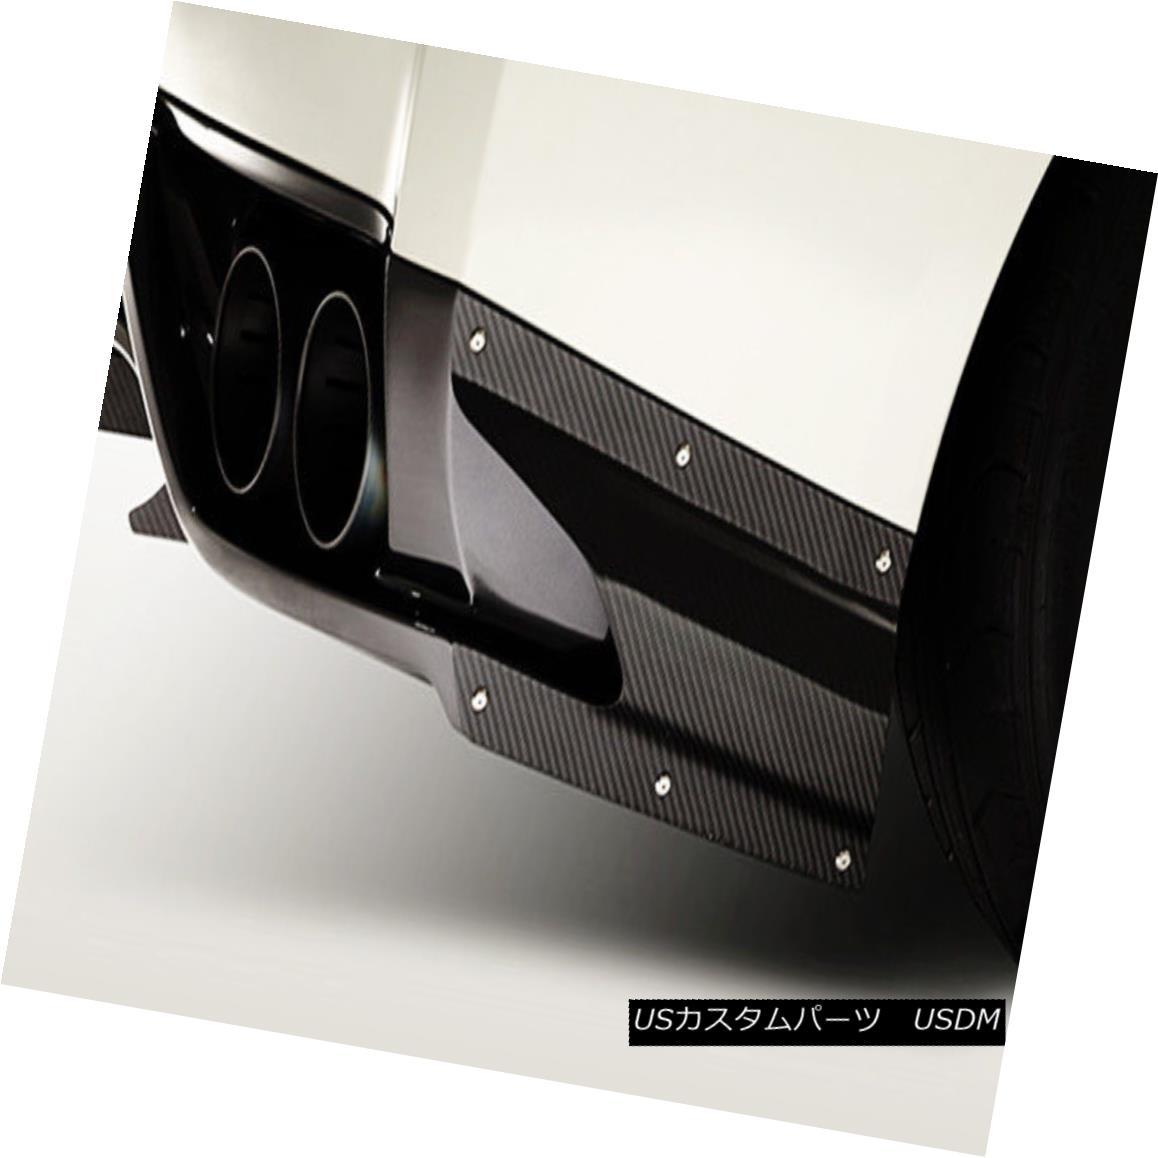 エアロパーツ Rear Side Air Shroud For Nissan GTR R35 (Only Fit 2013 Ver VA Diffuser) Carbon 日産GTR R35用リアサイドエアシュラウド(2013年版Ver VAディフューザのみ)カーボン